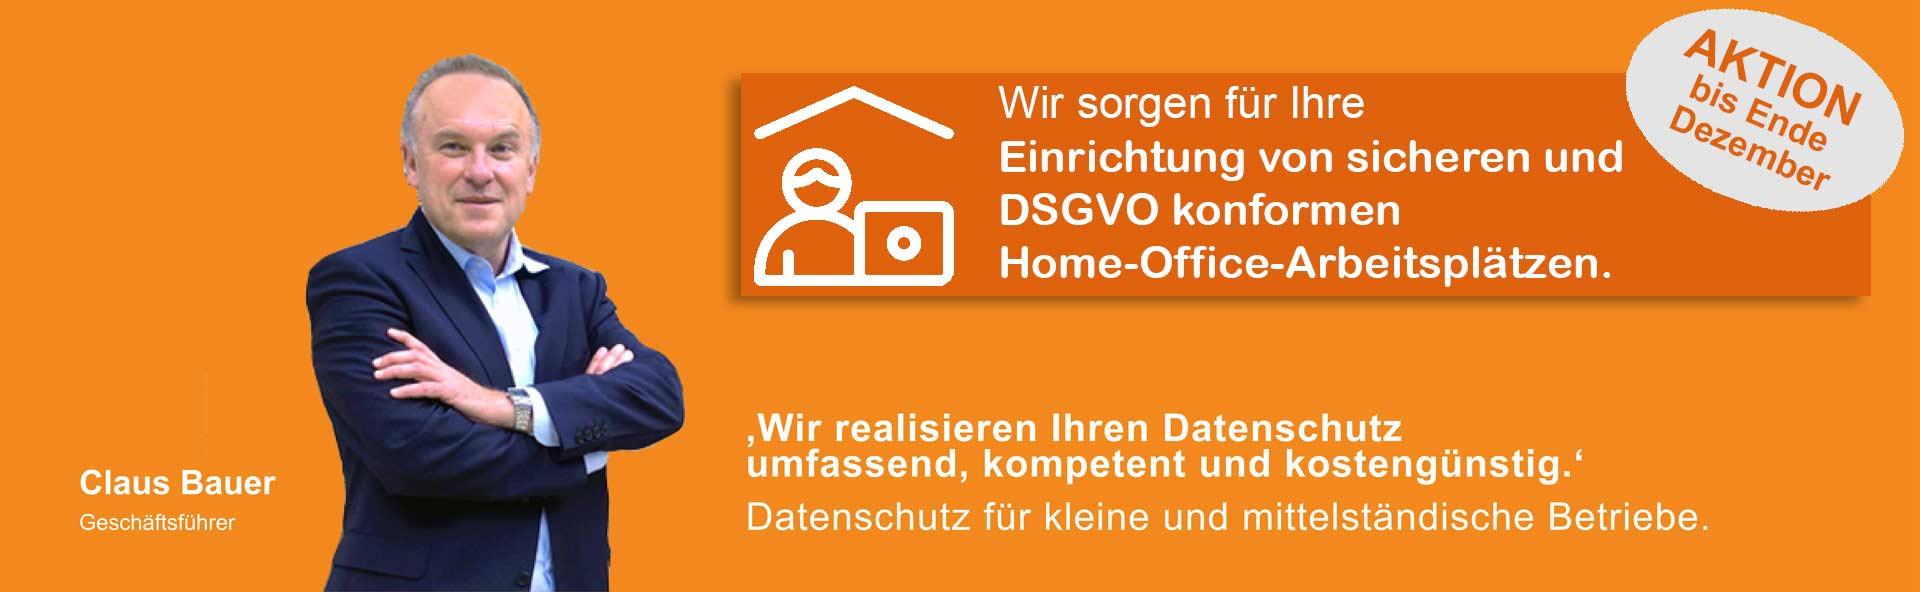 Claus-bauer-Datenschutz-mannheim-8